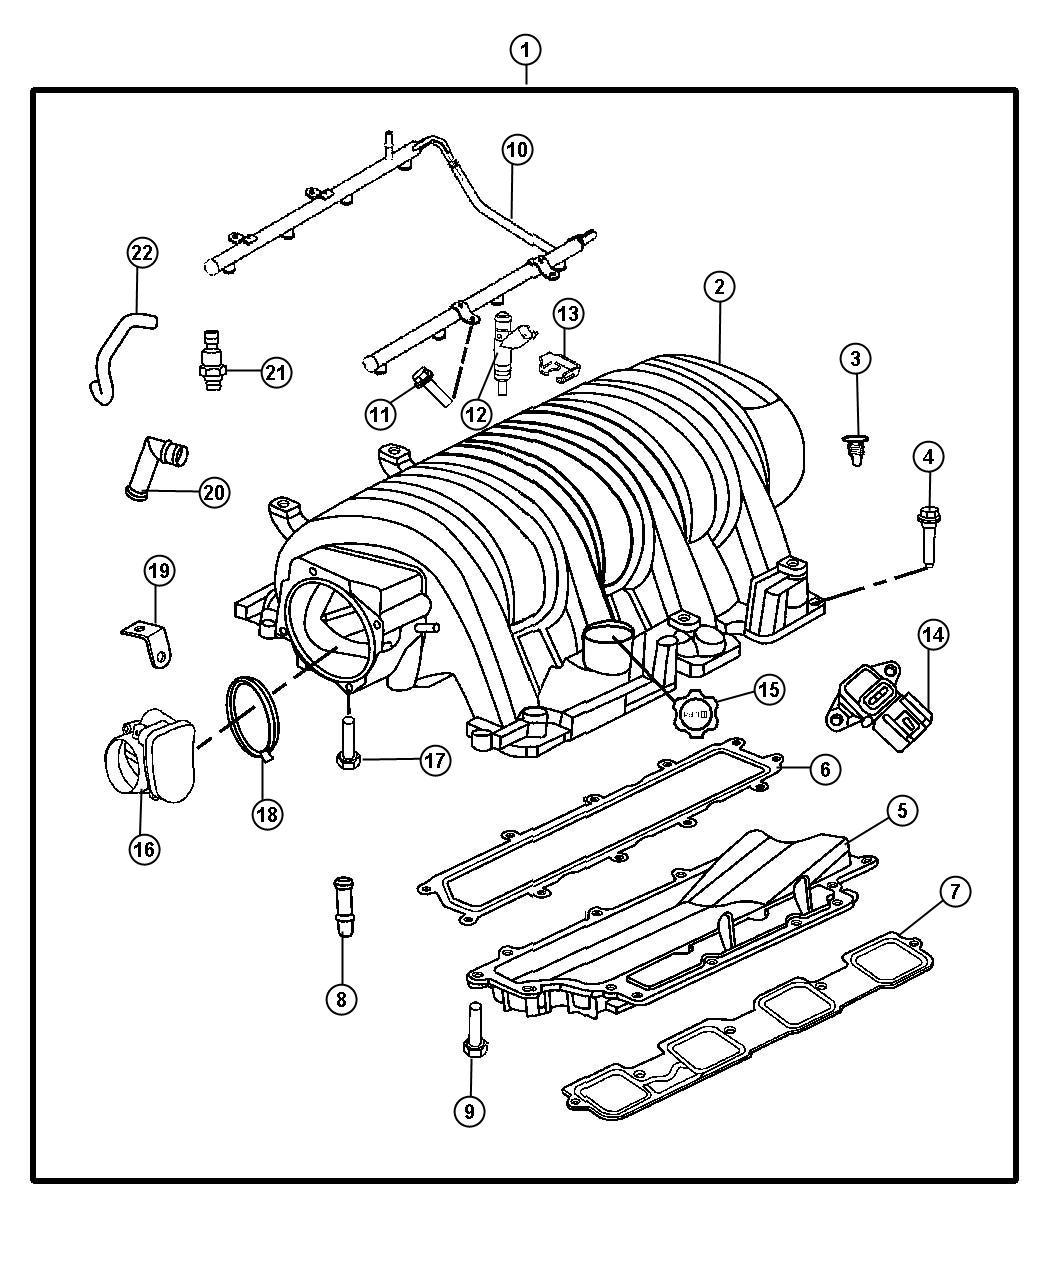 2008 Jeep Grand Cherokee Hose. Pcv valve to intake